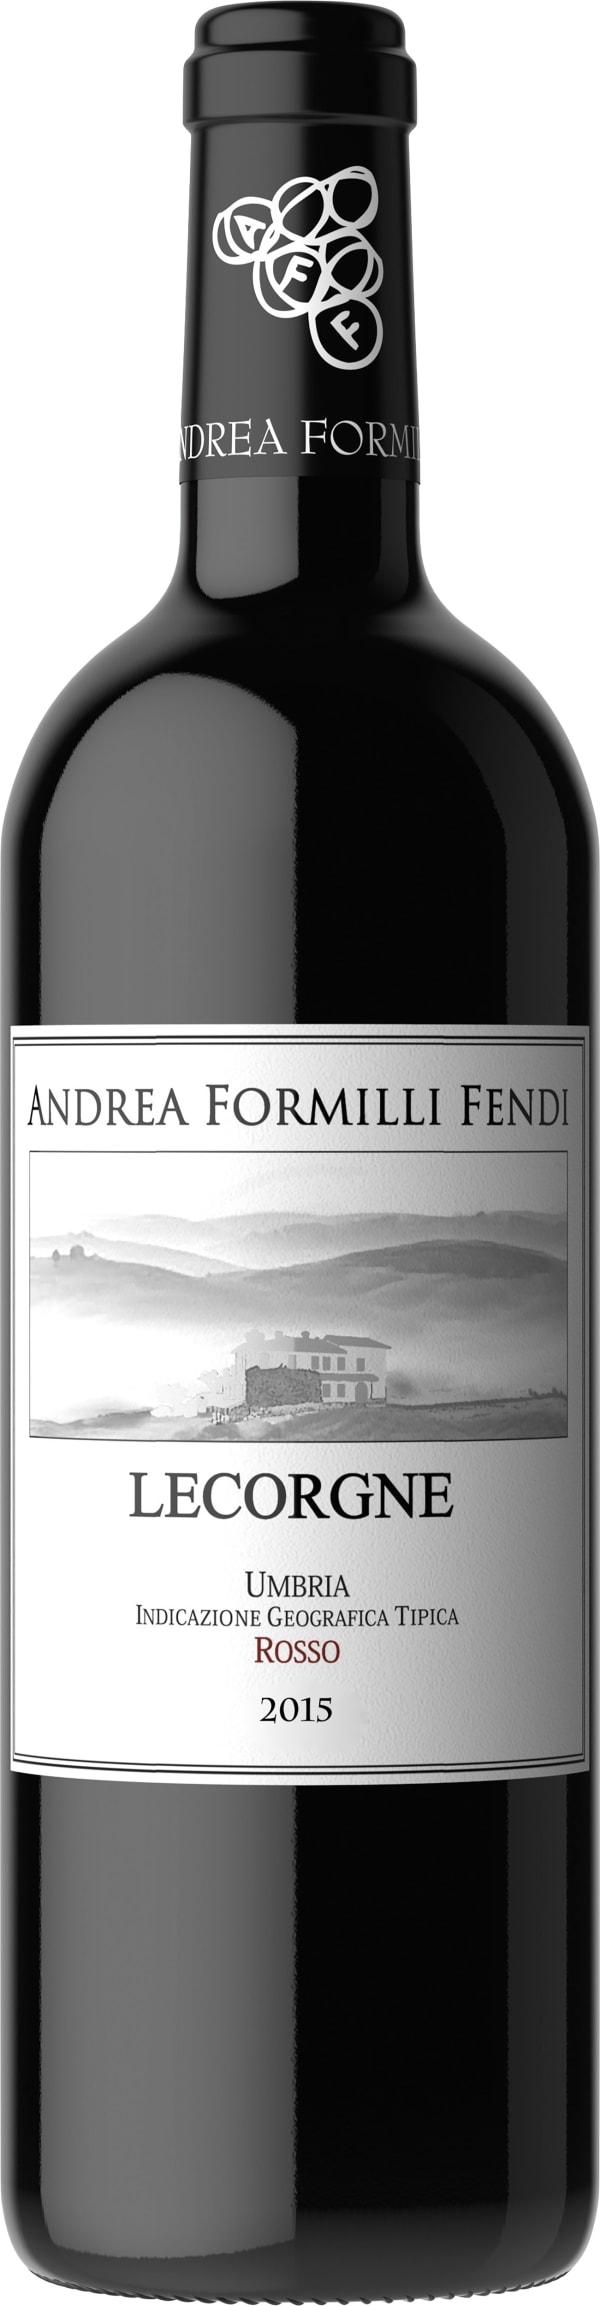 Andrea Formilli Fendi Lecorgne 2015